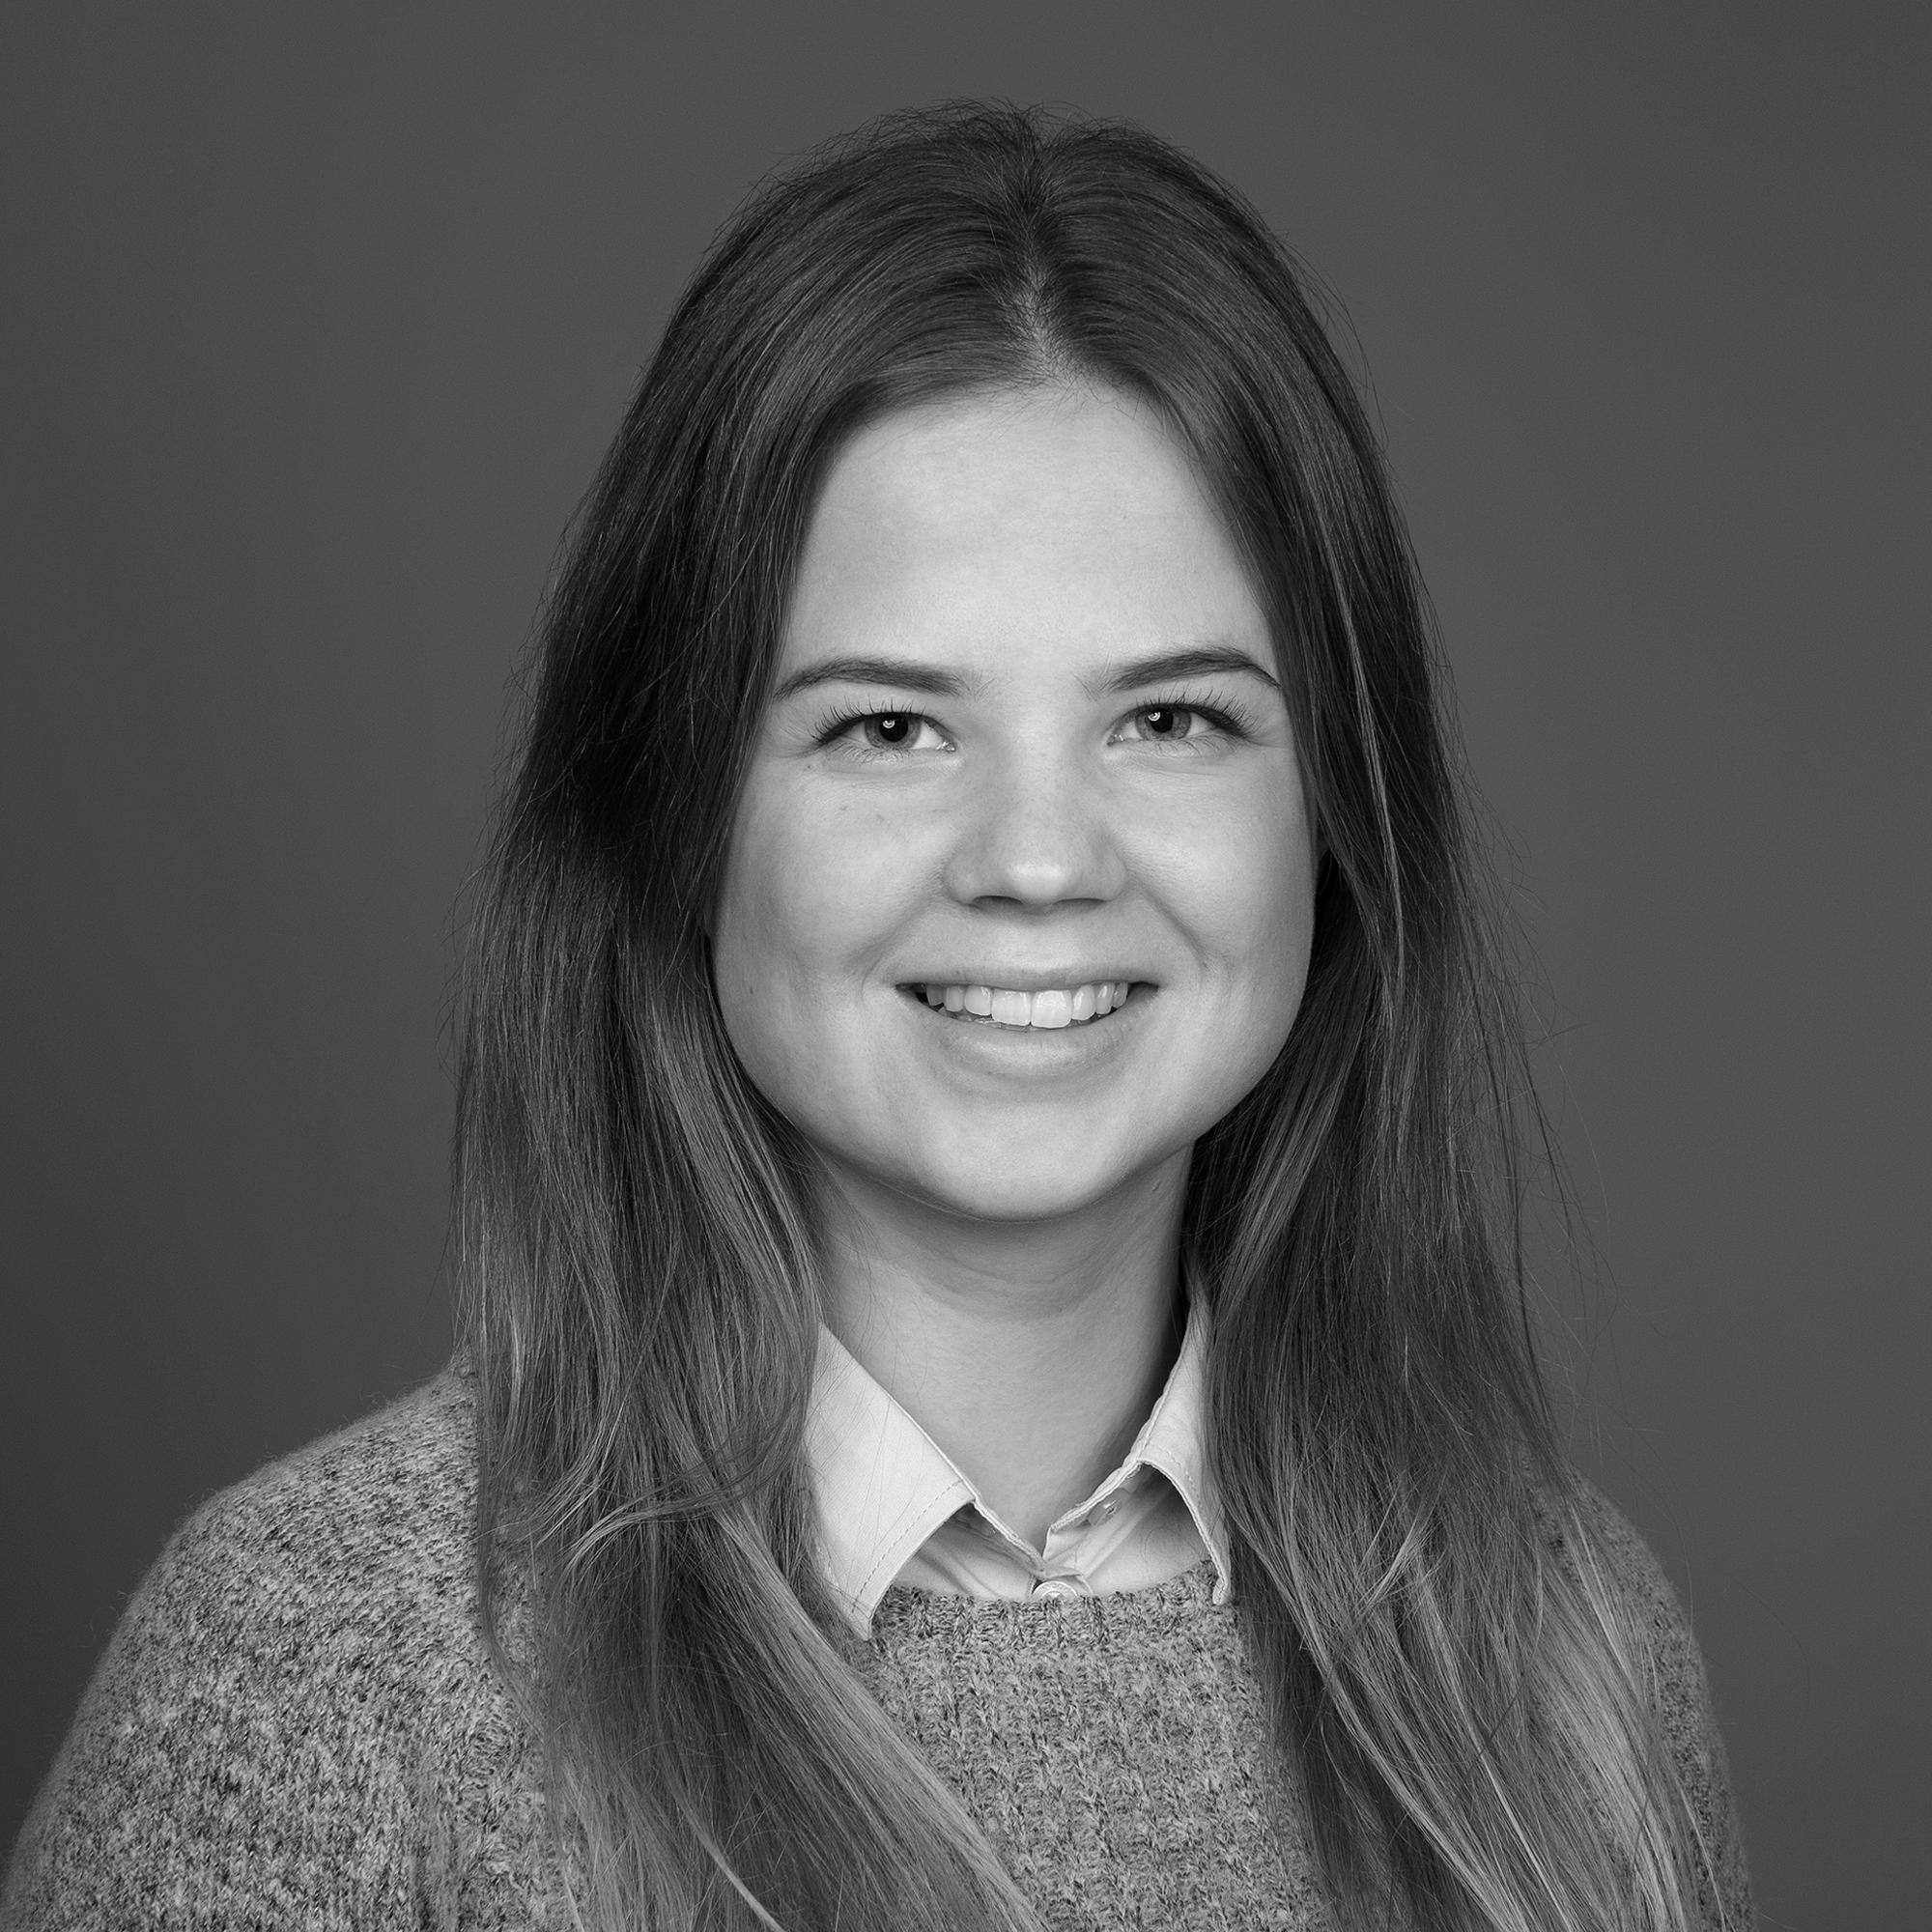 Katarina Staalesen